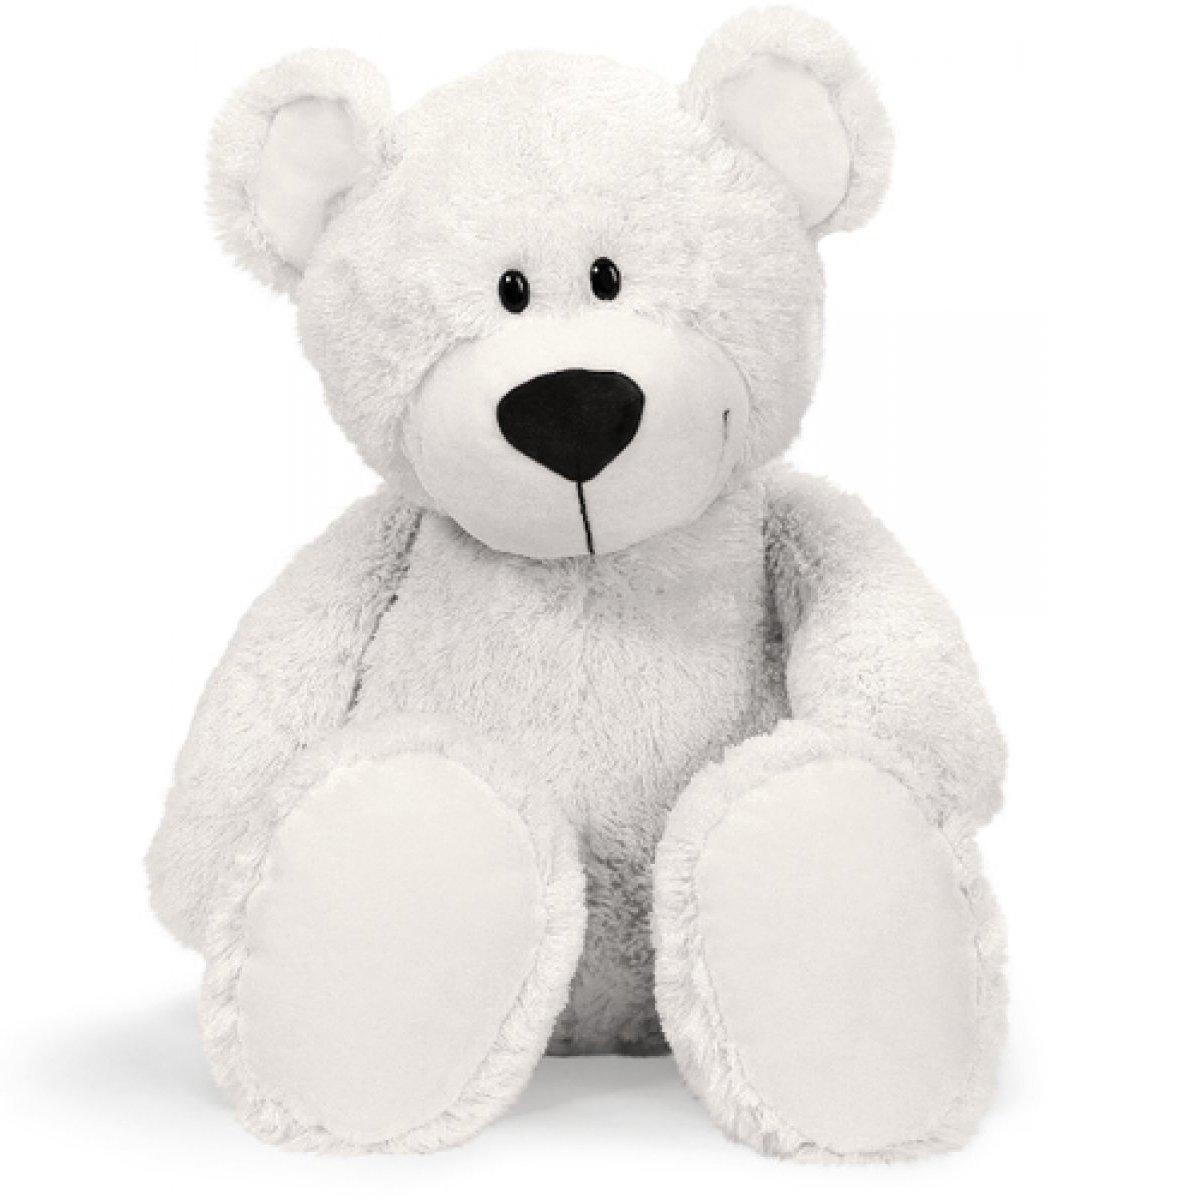 caGiocattoli Timmi polare alti peluche cm orso Nici 80 ZuOkXiwPT